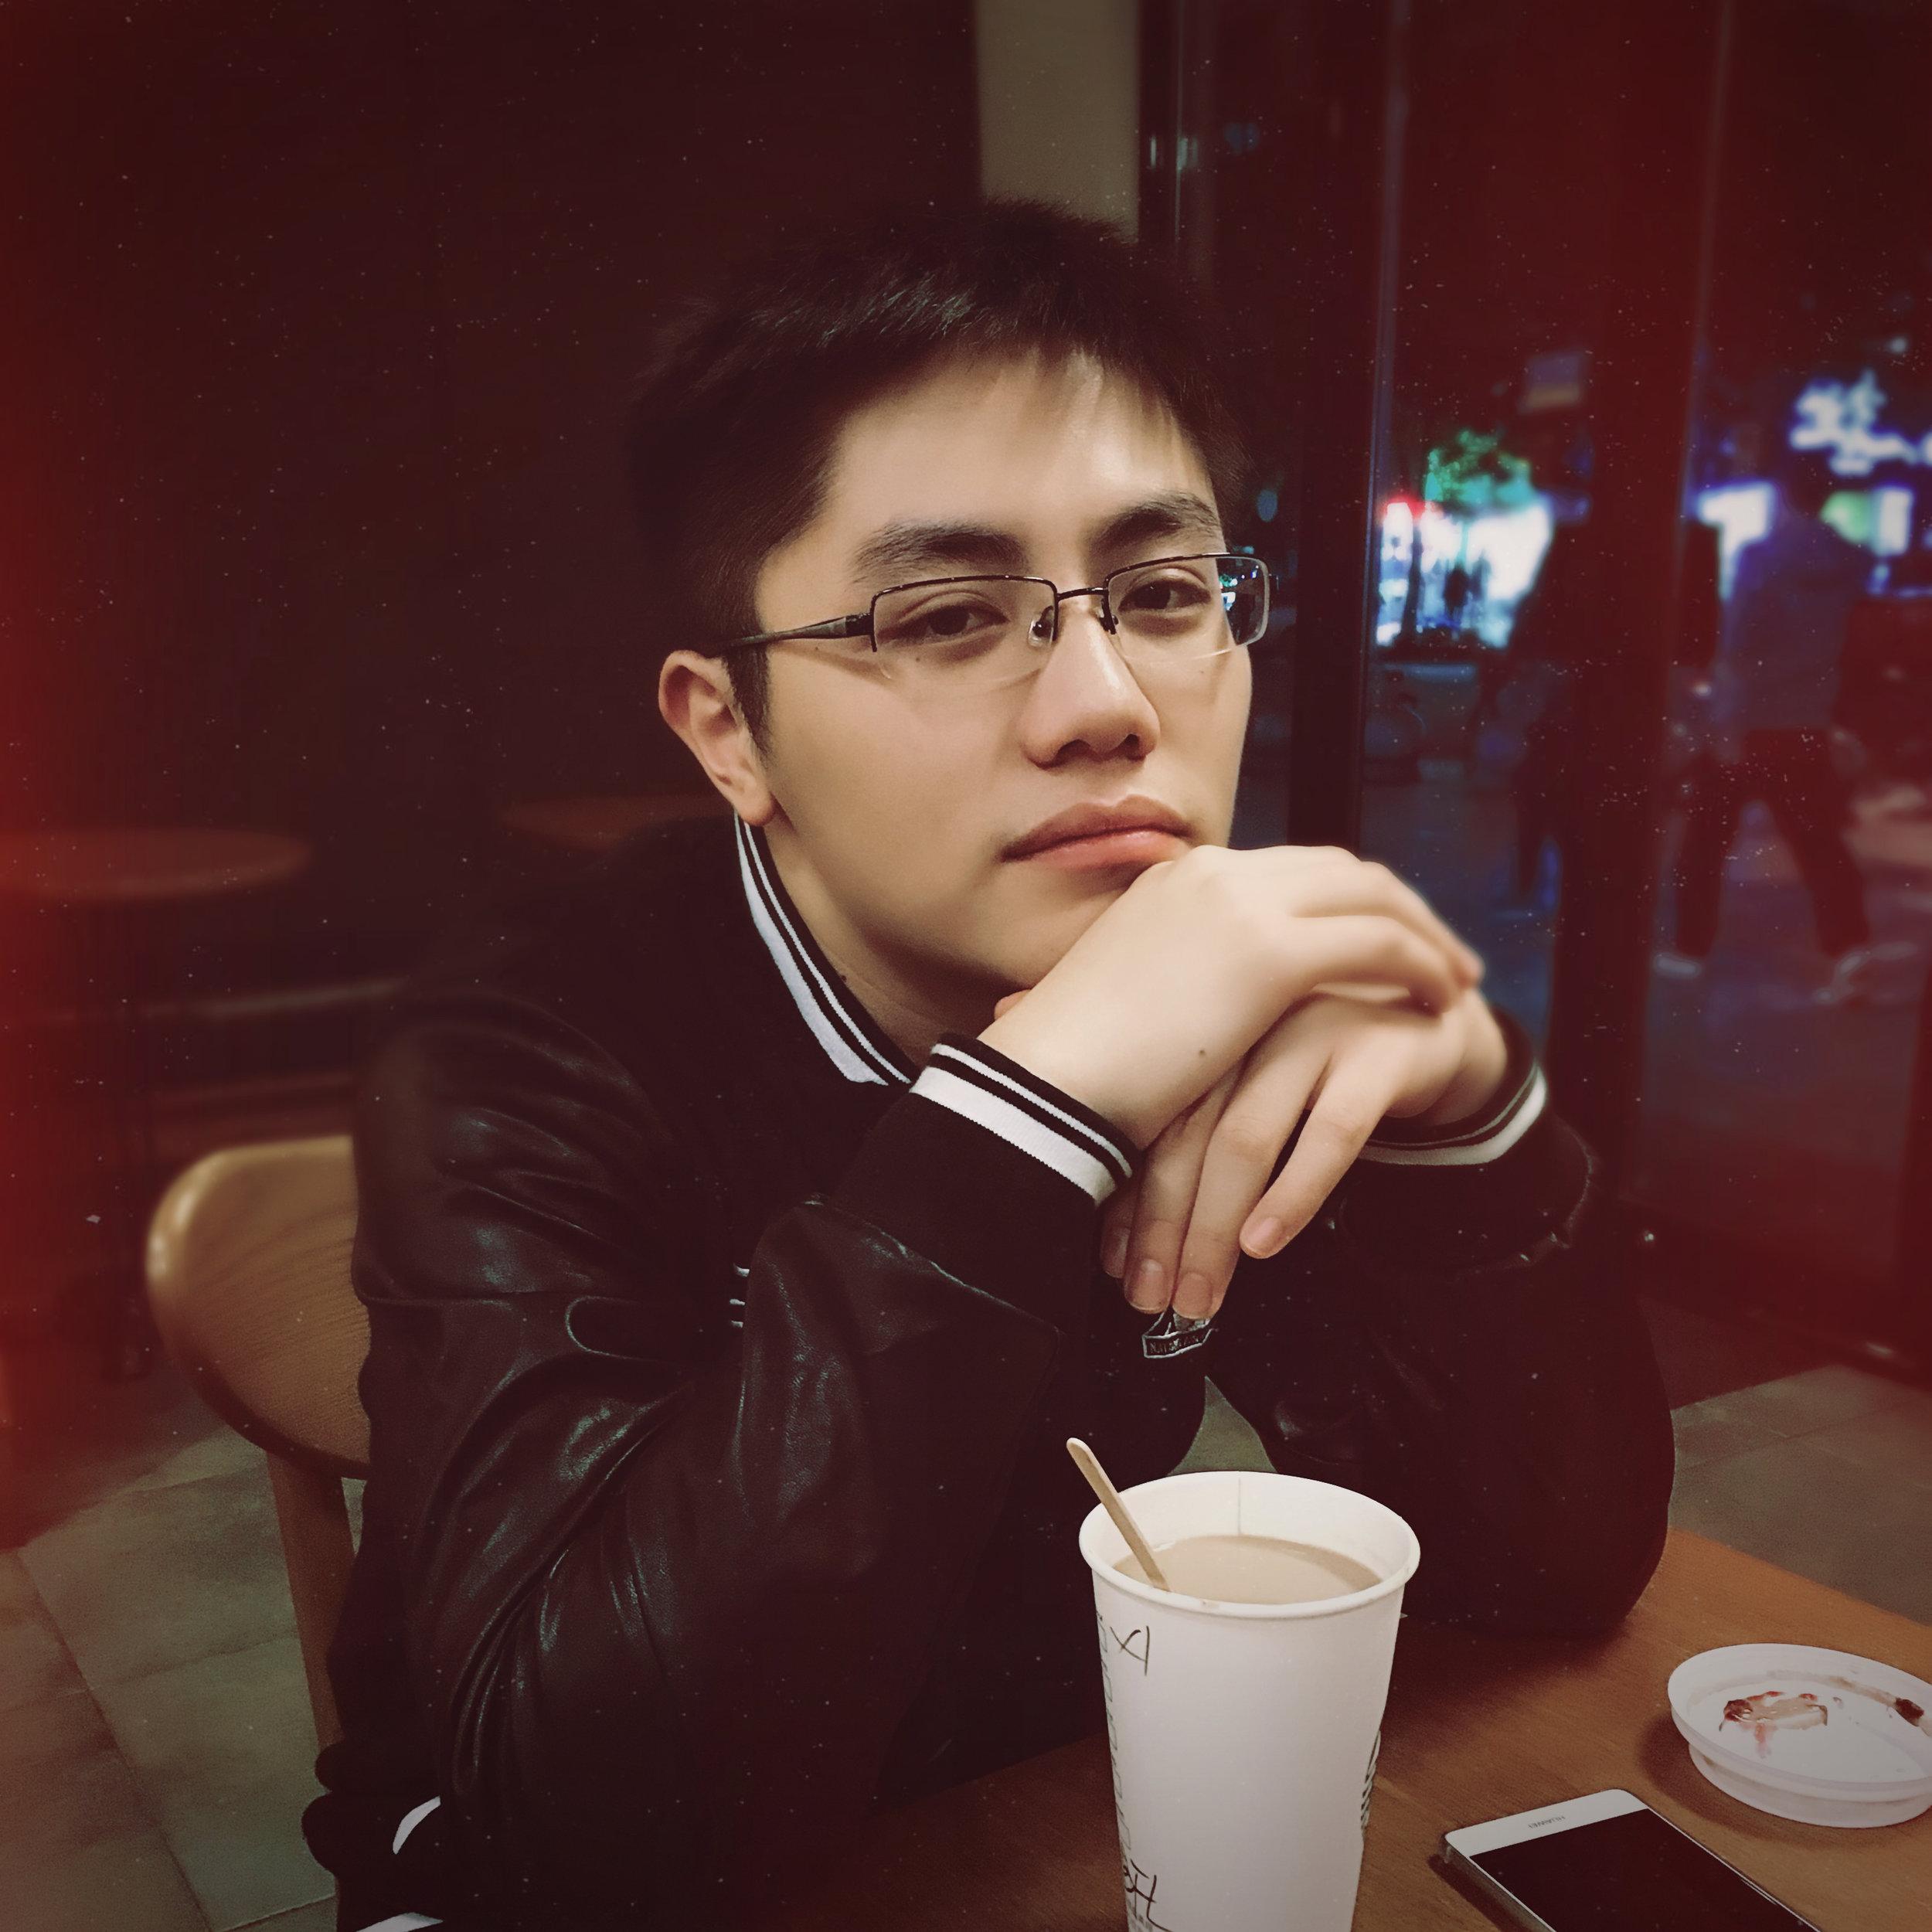 我叫李泽阳,在上大悉商读国贸~95年生,明年打算出国留学,在备战GMAT和雅思之余看到这个活动过来冒个泡,有缘与大家相见相识真好~